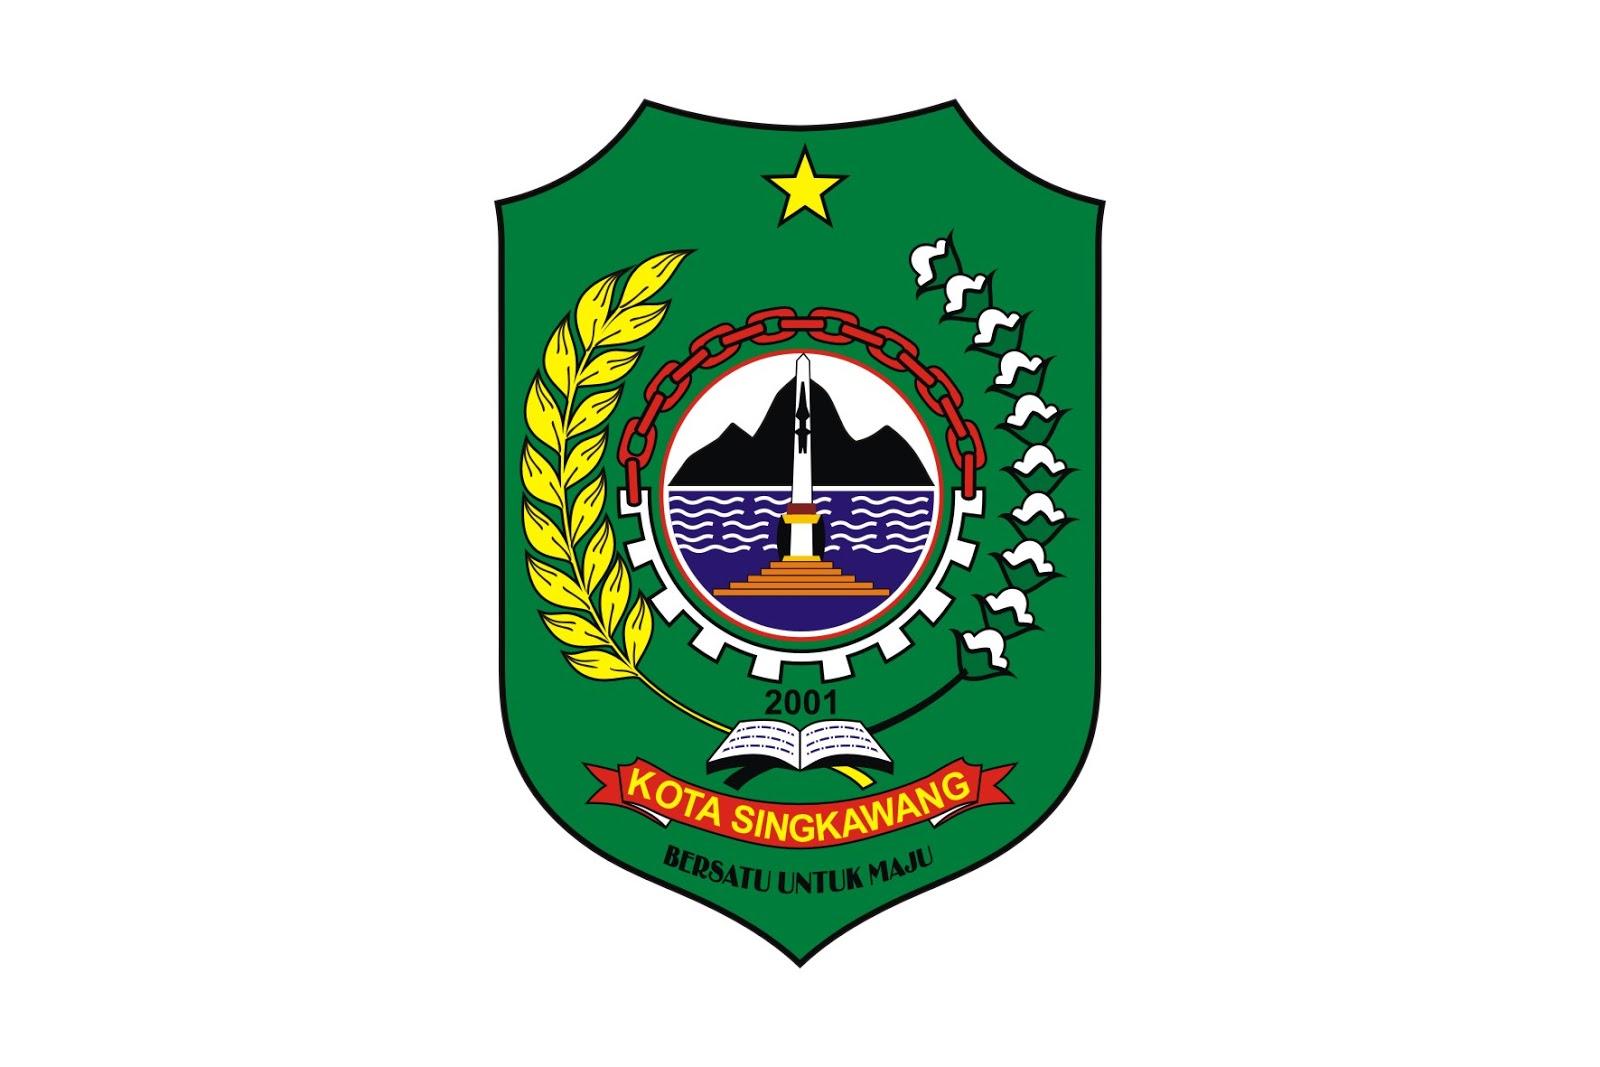 Kabupaten Singkawang Logo